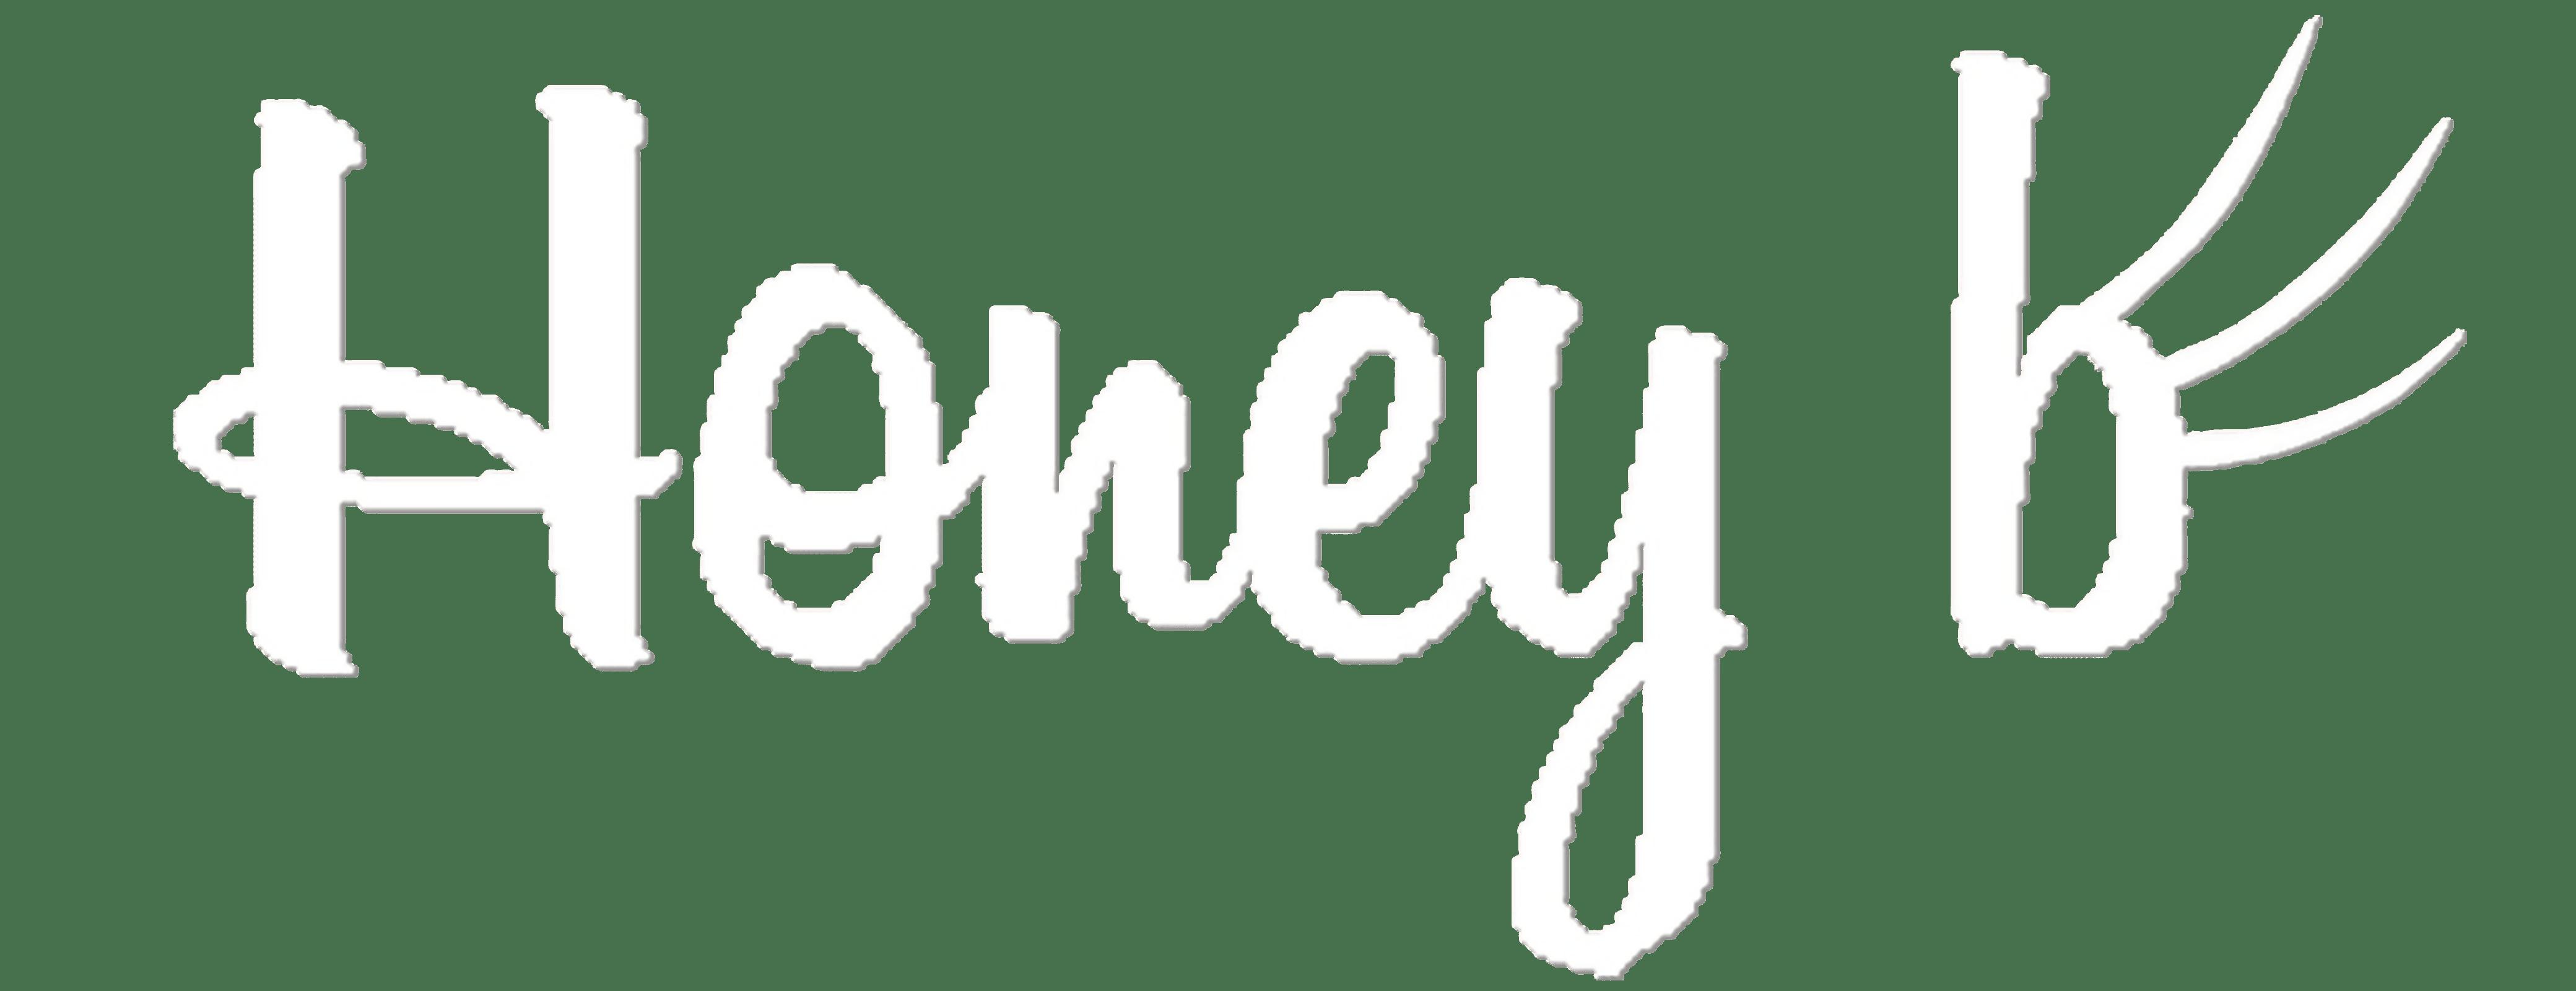 honey=